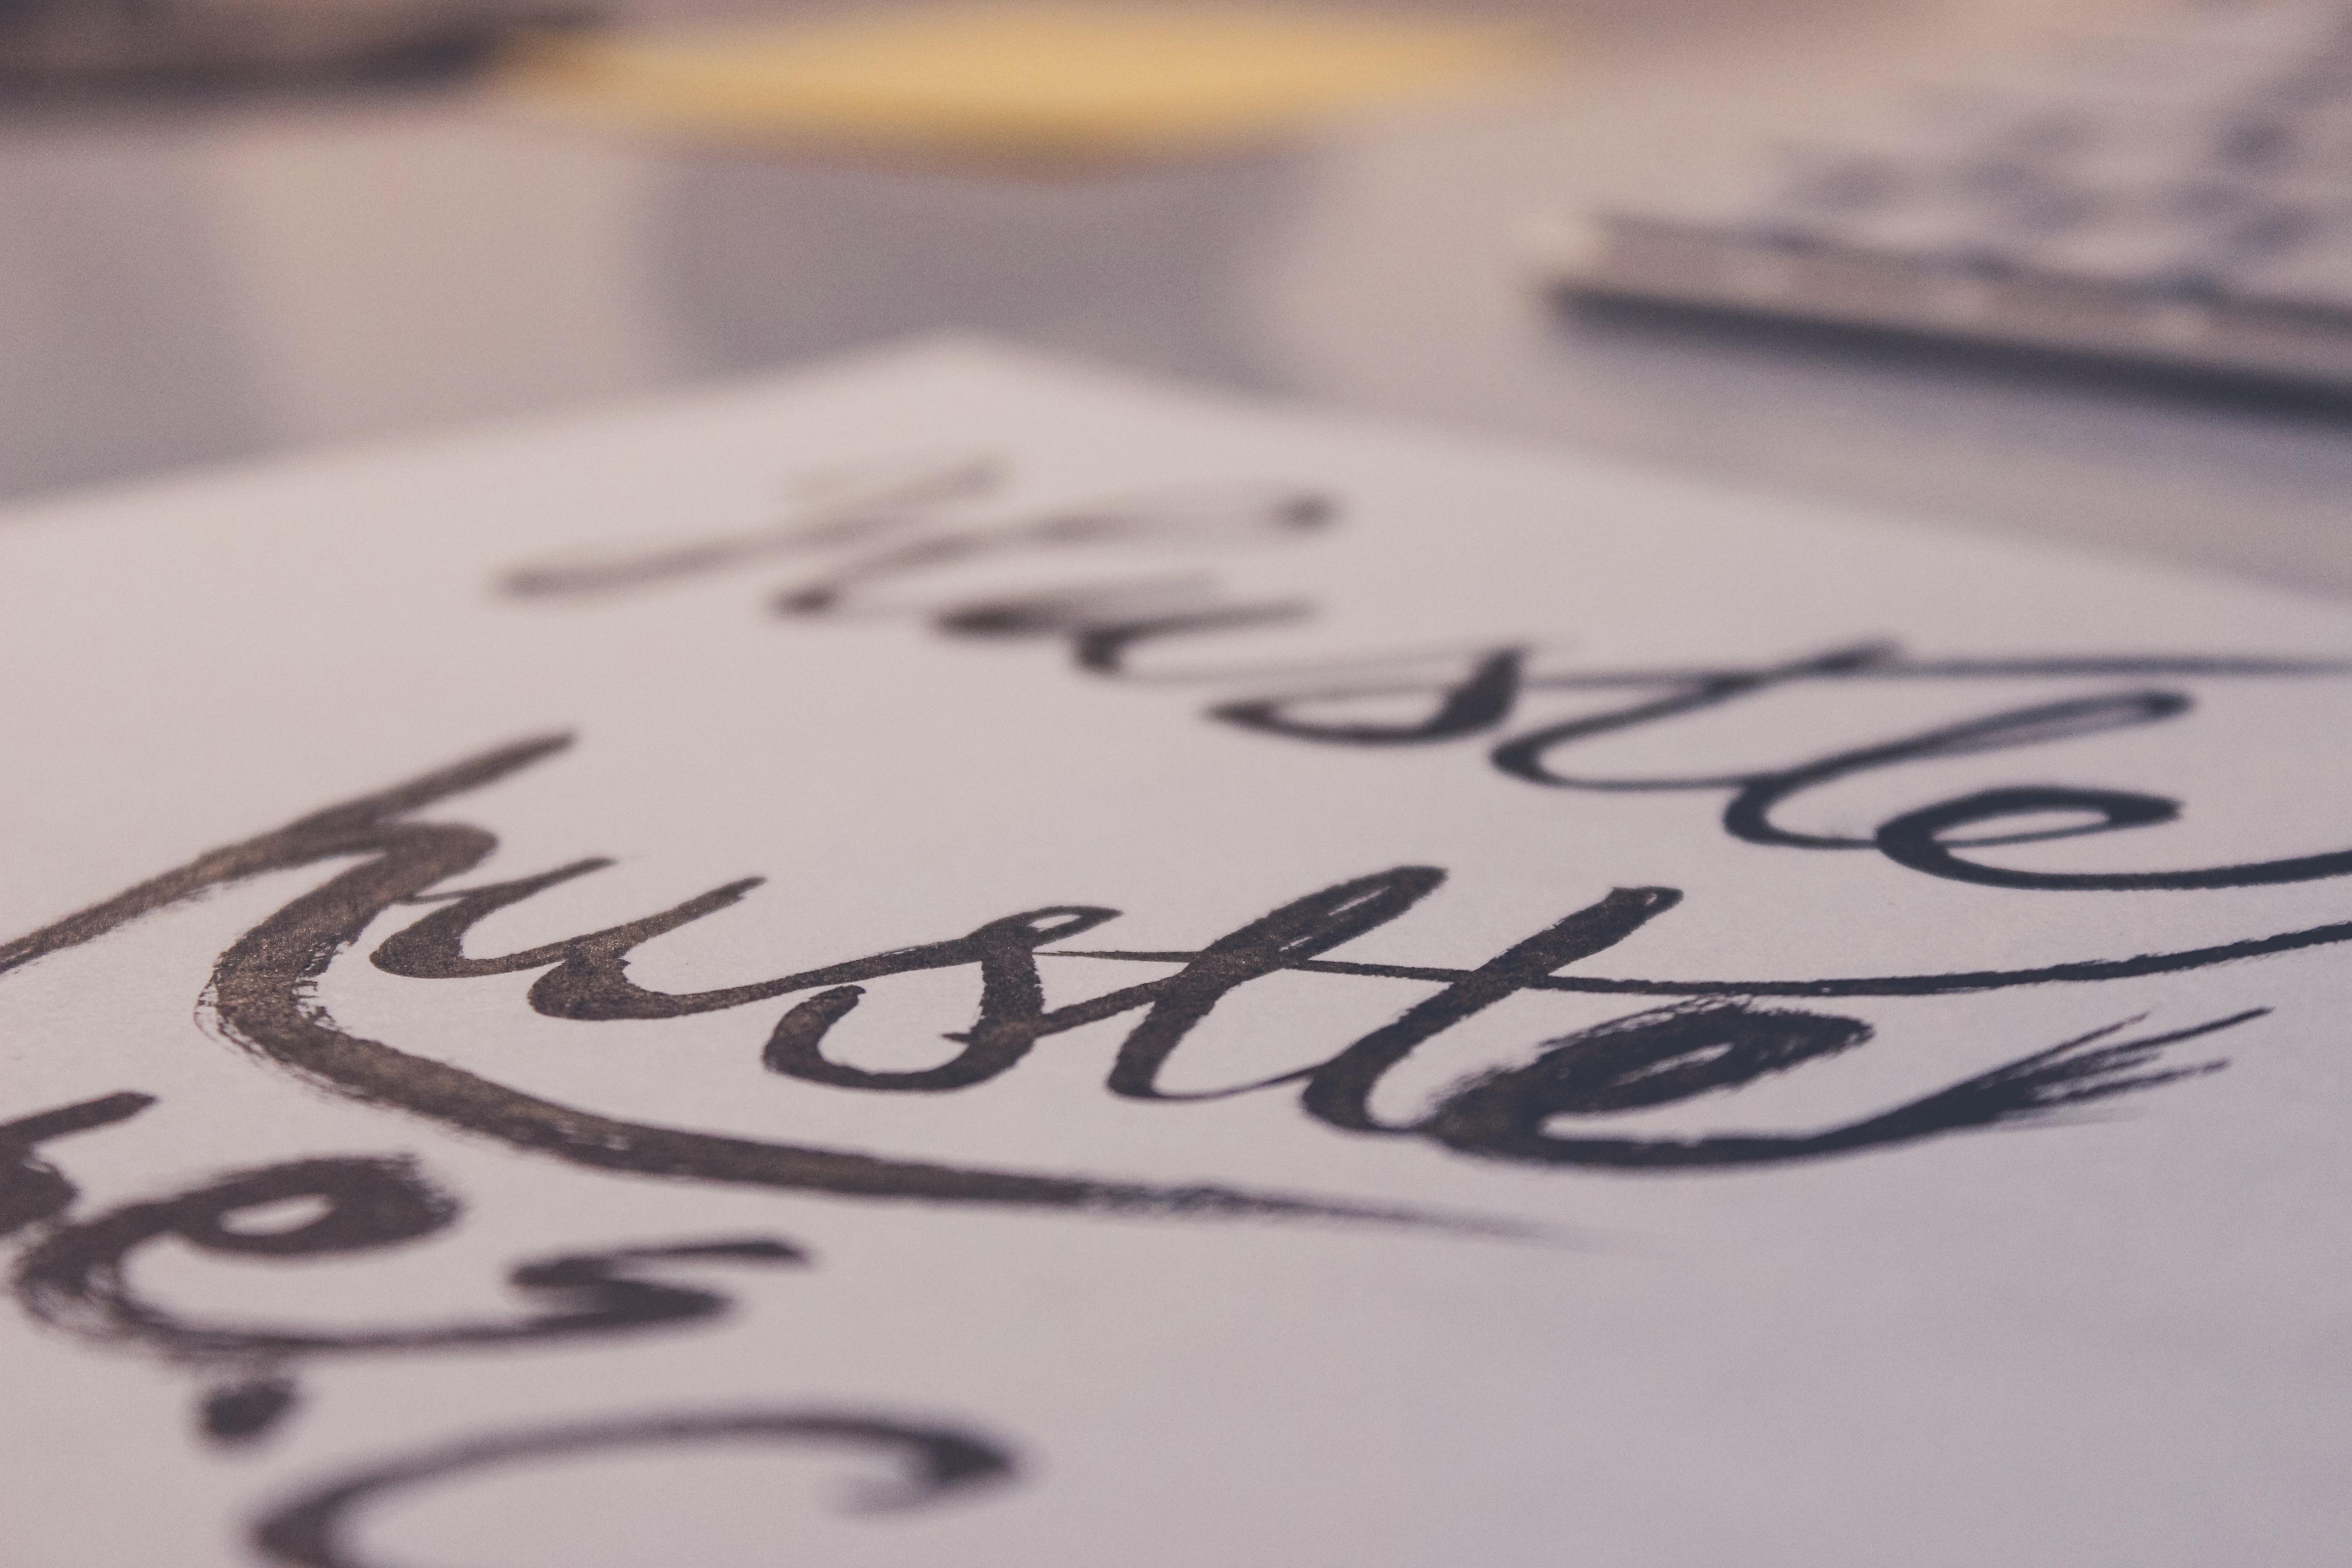 Gambar Penulisan Putih Jumlah Pena Merek Fon Seni Sketsa